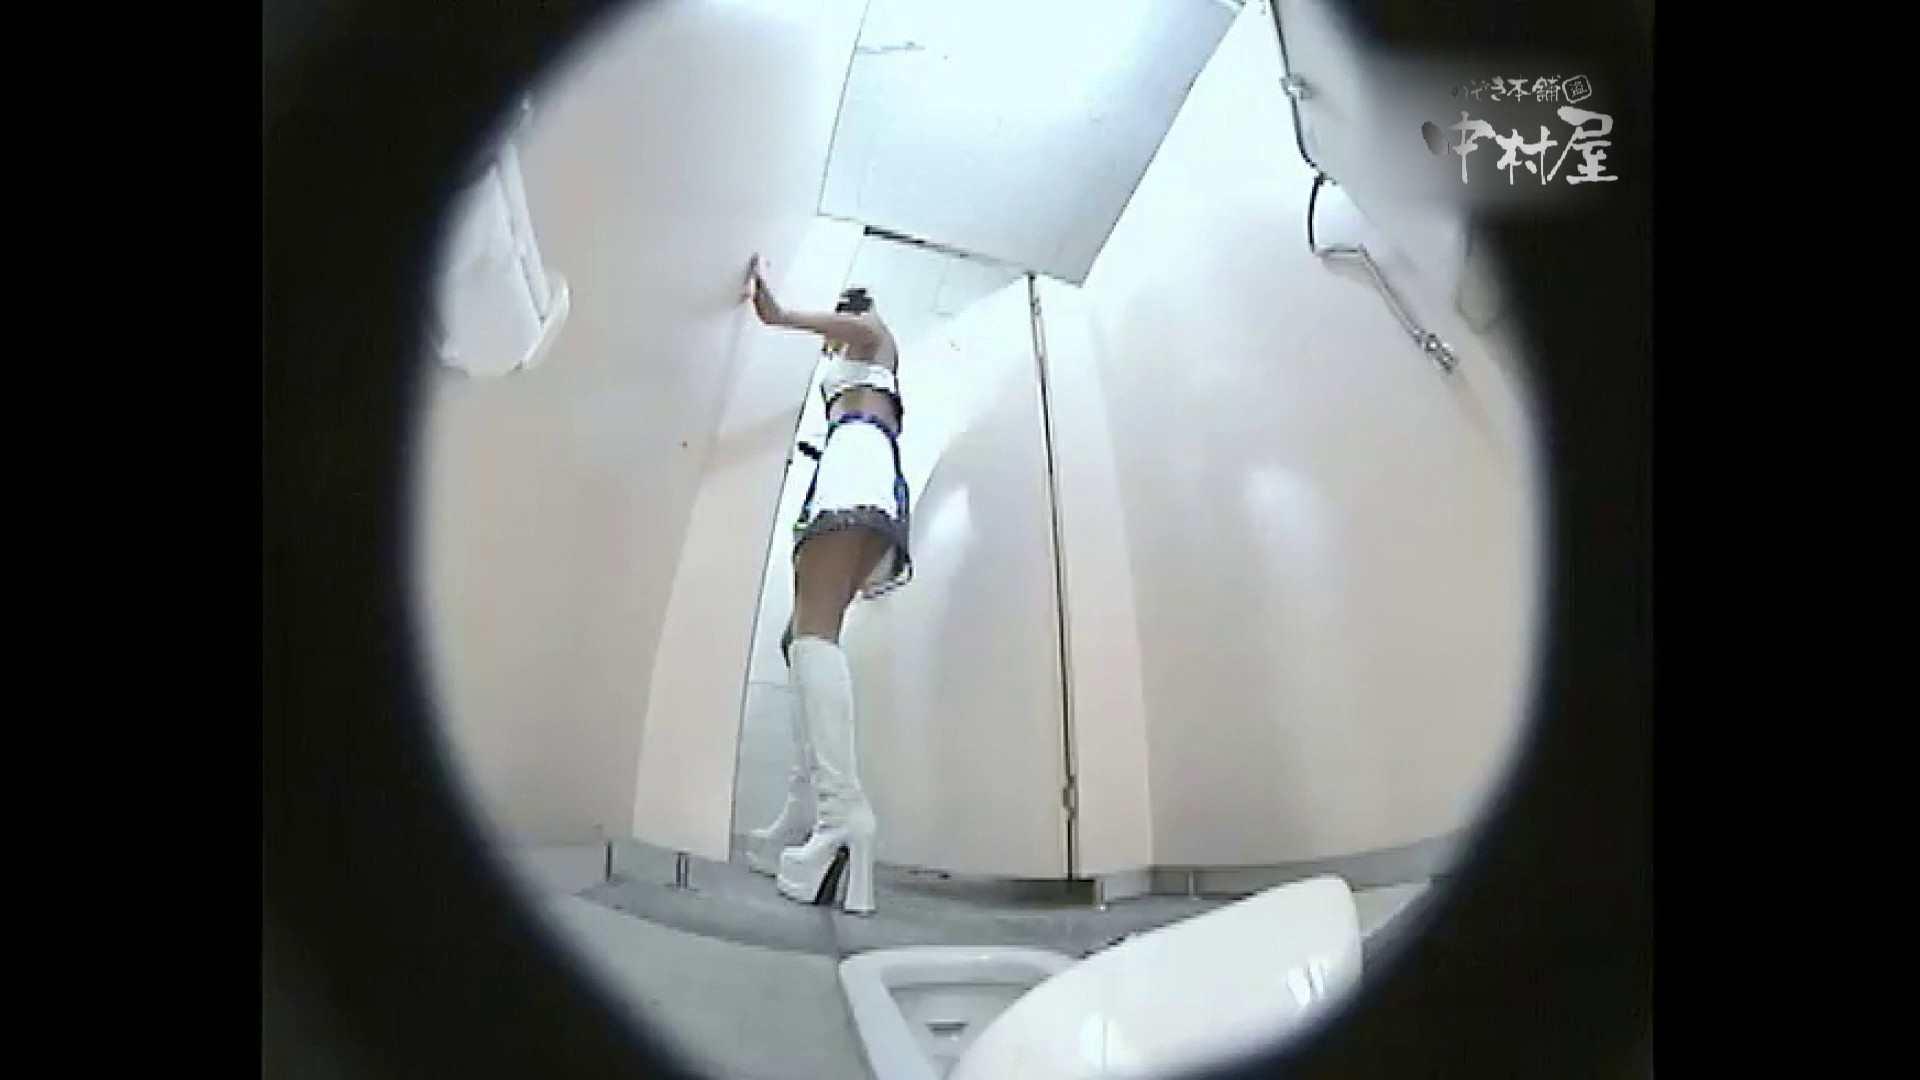 レースクィーントイレ盗撮!Vol.09 オマンコもろ 盗み撮り動画 96PIX 68